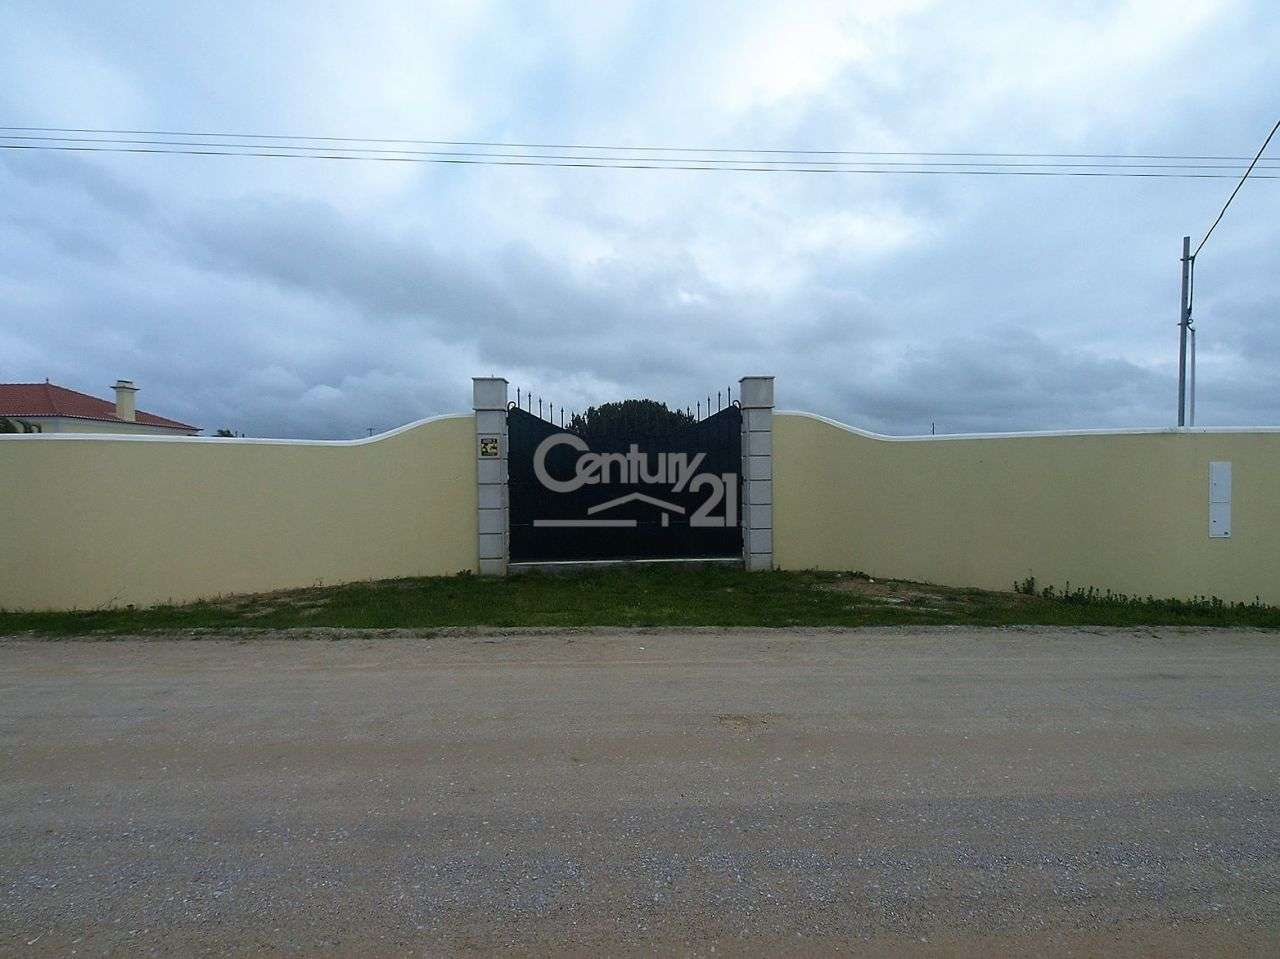 Terreno para comprar, Pinhal Novo, Setúbal - Foto 2